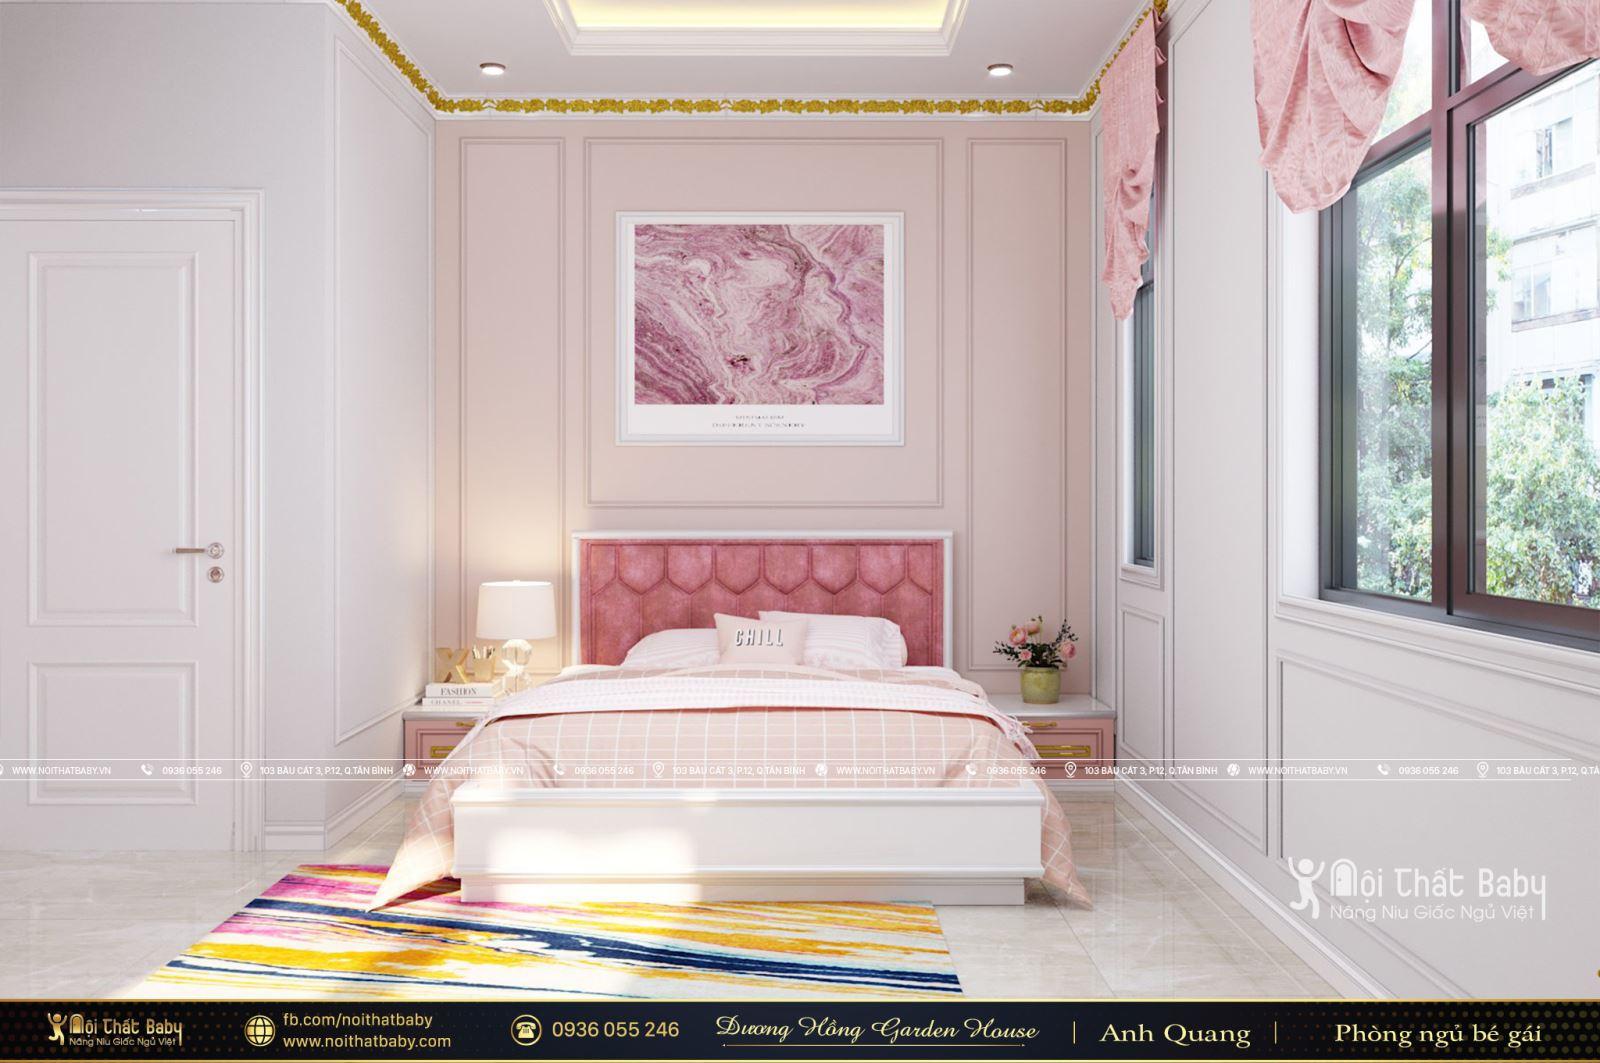 Thiết kế phòng ngủ bé gái tân cổ điển tại Khu dân cư Dương Hồng Garden House